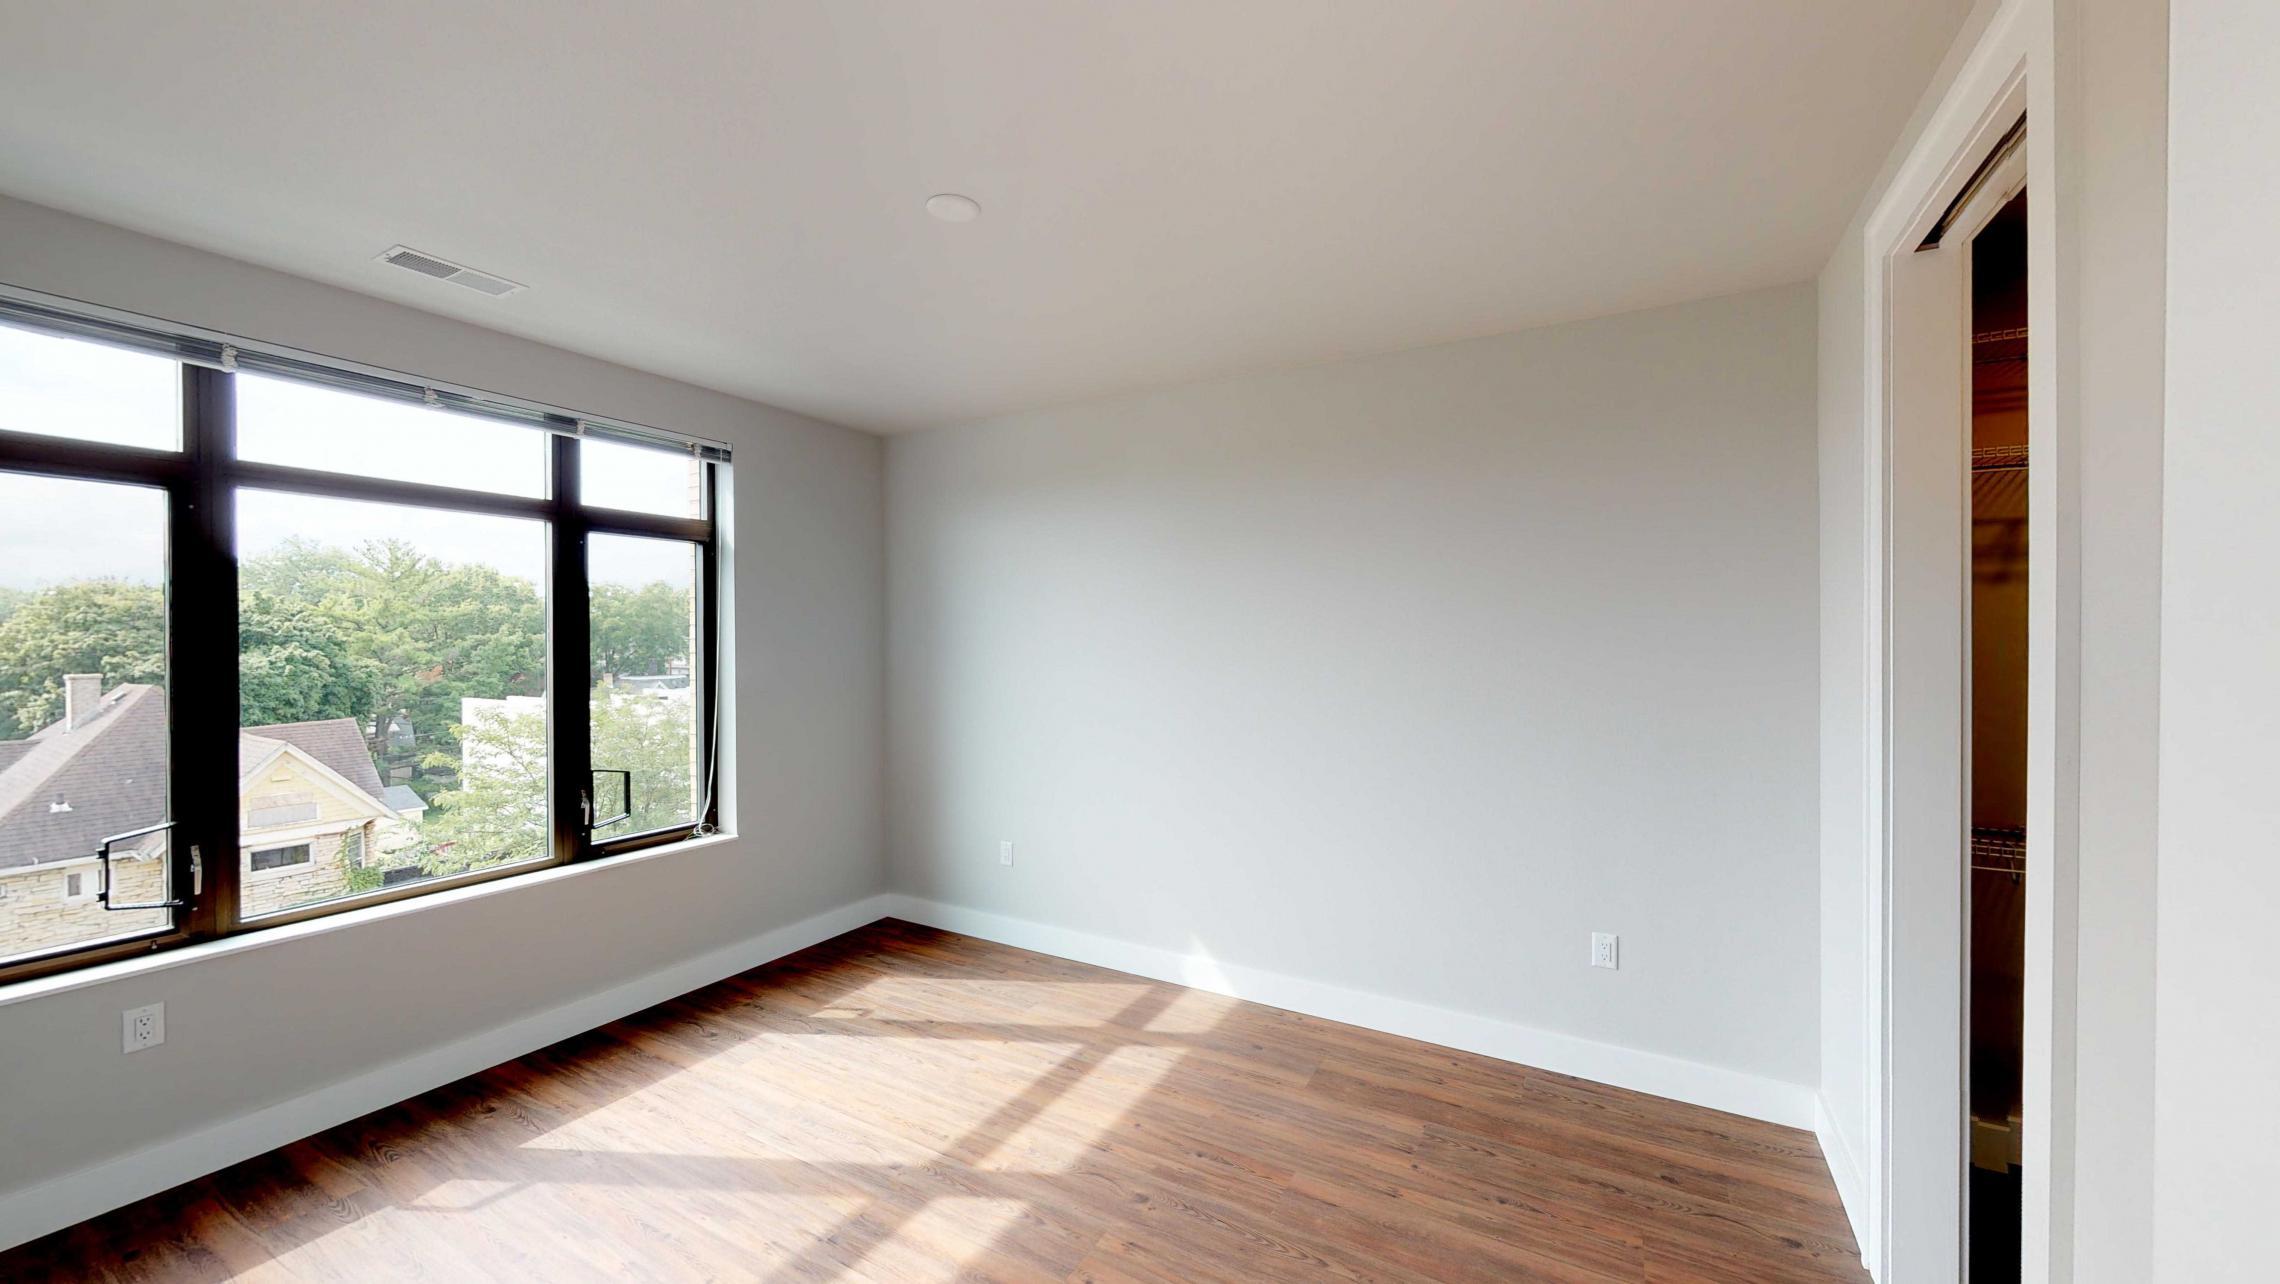 1722-Monroe-Apartment-One Bedroom-Modern-Luxury-bedroom-Design-views.jpg